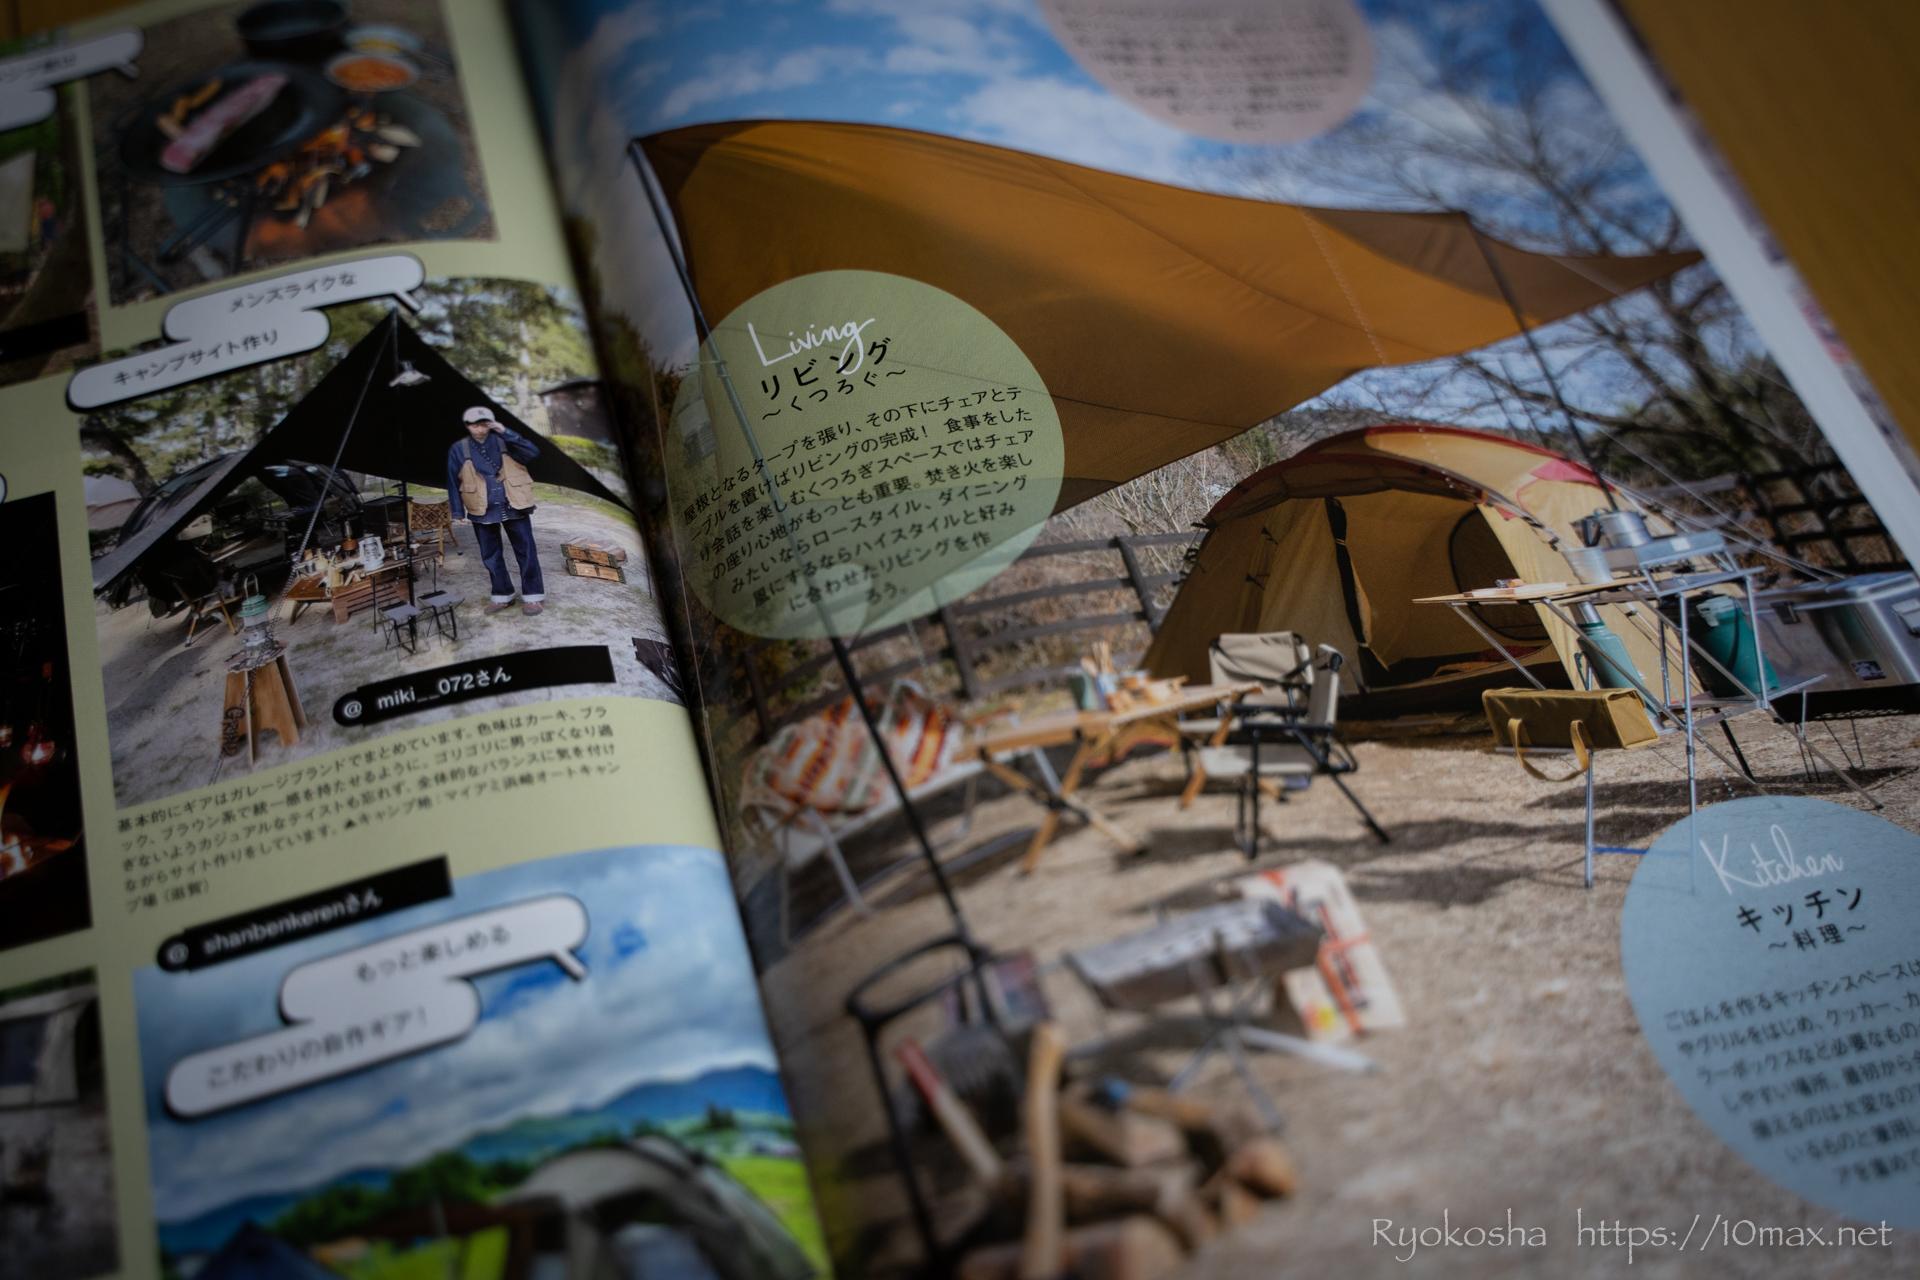 Campビギナーまずはコレ_旅恋写_キャンプ飯記事掲載